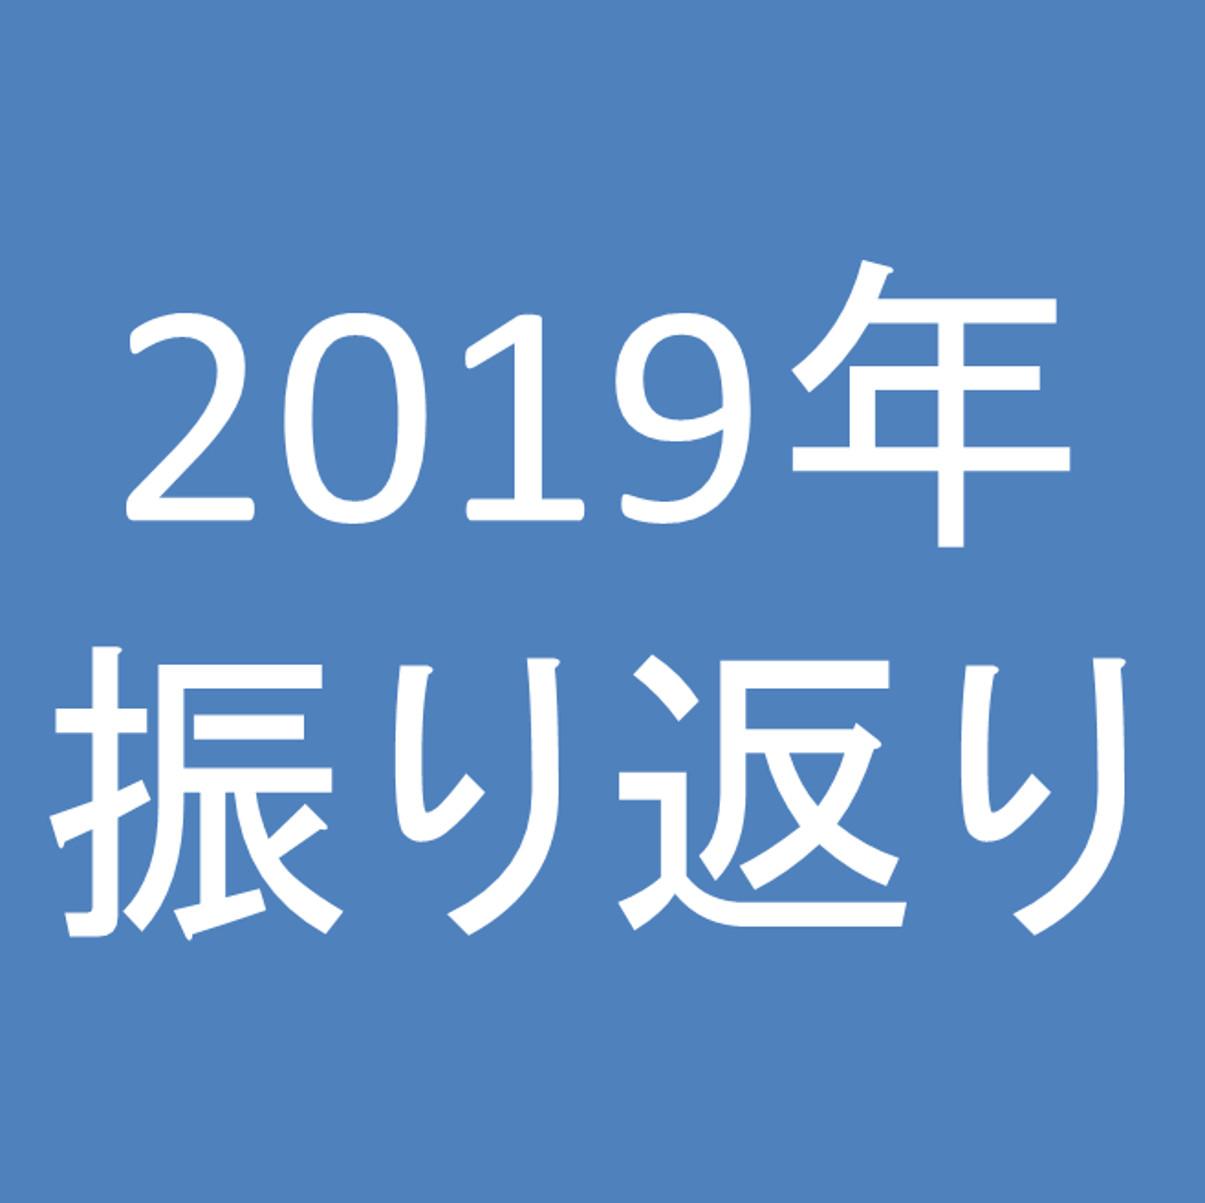 2019年振り返りアイキャッチ1205